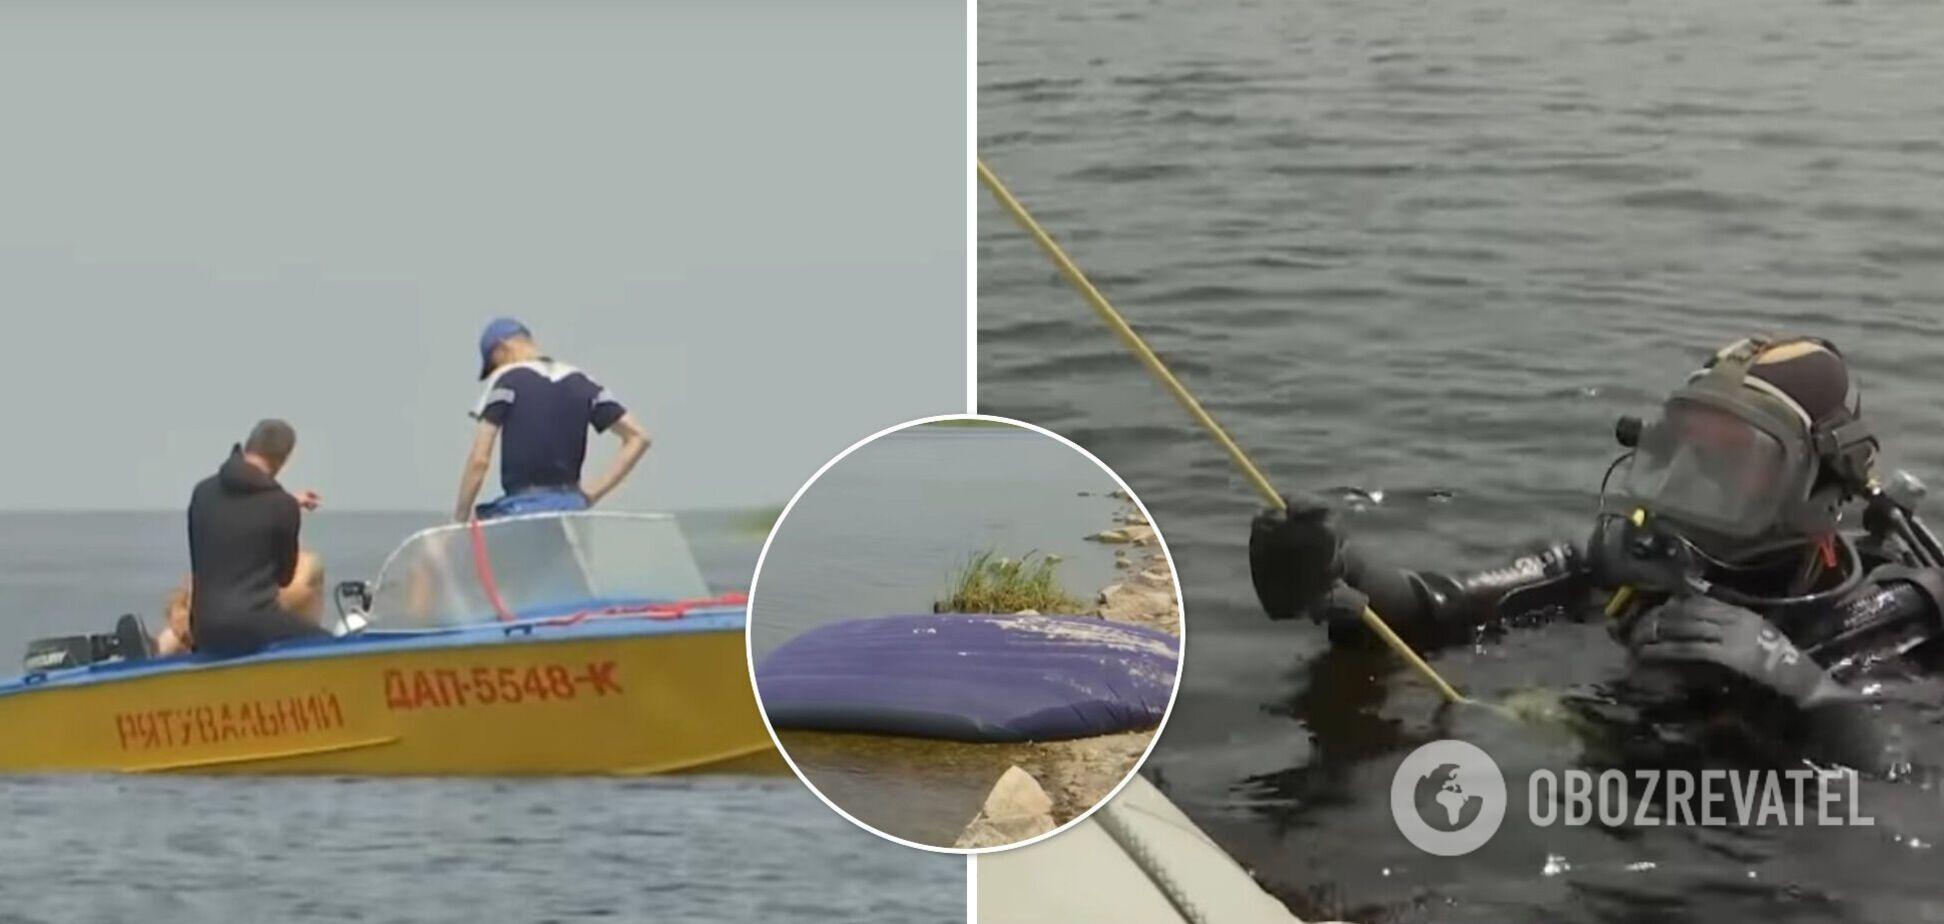 В Киевском море семью унесло на матрасе: 5-летний ребенок утонул, ее отца и 10-летнюю сестру до сих пор ищут